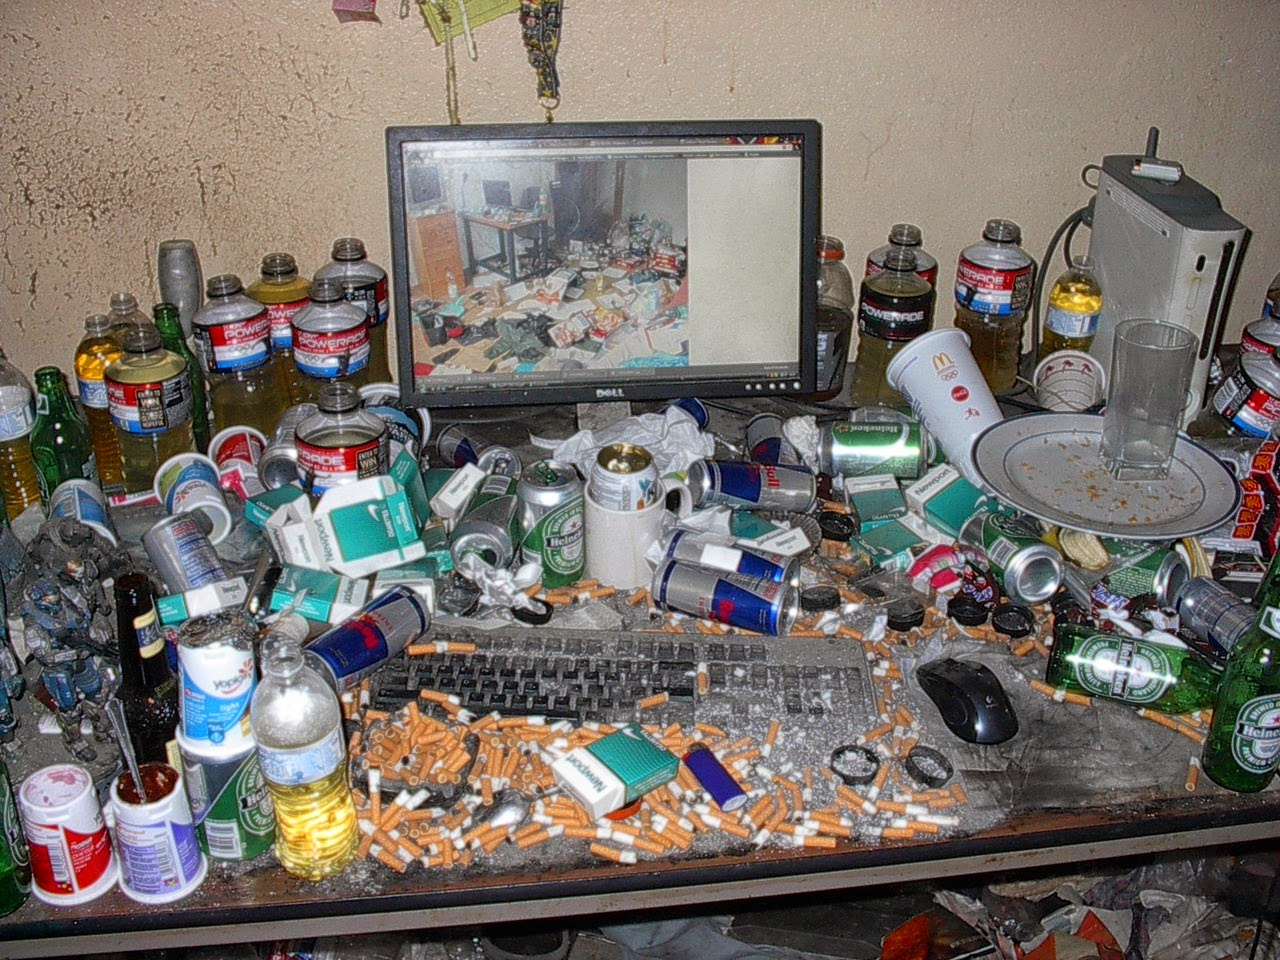 image humoristique d'un bureau avec ordinateur plein de clopes et de soda